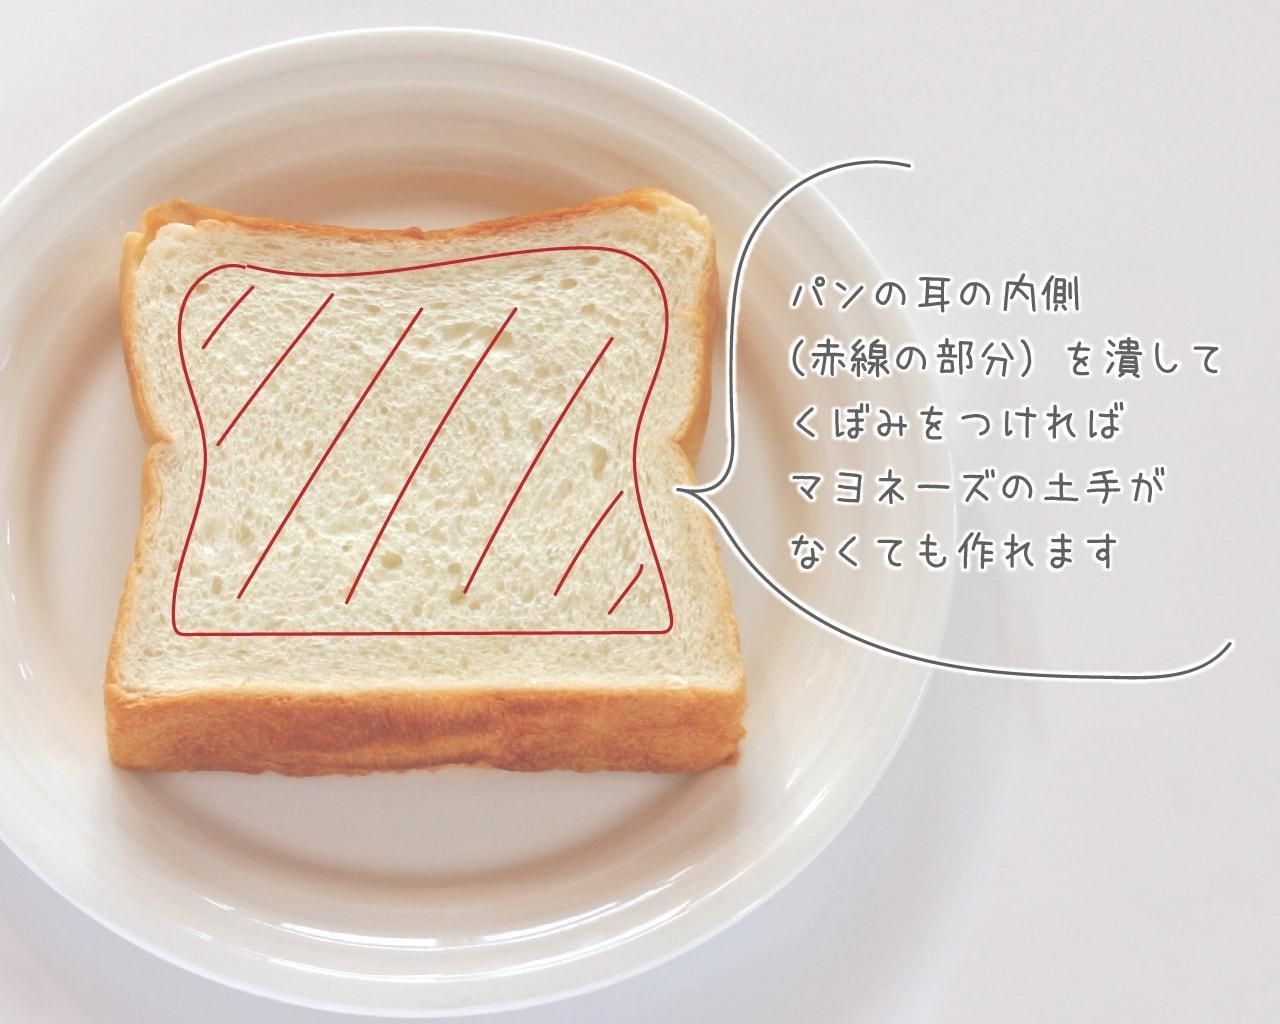 カロリー バター トースト